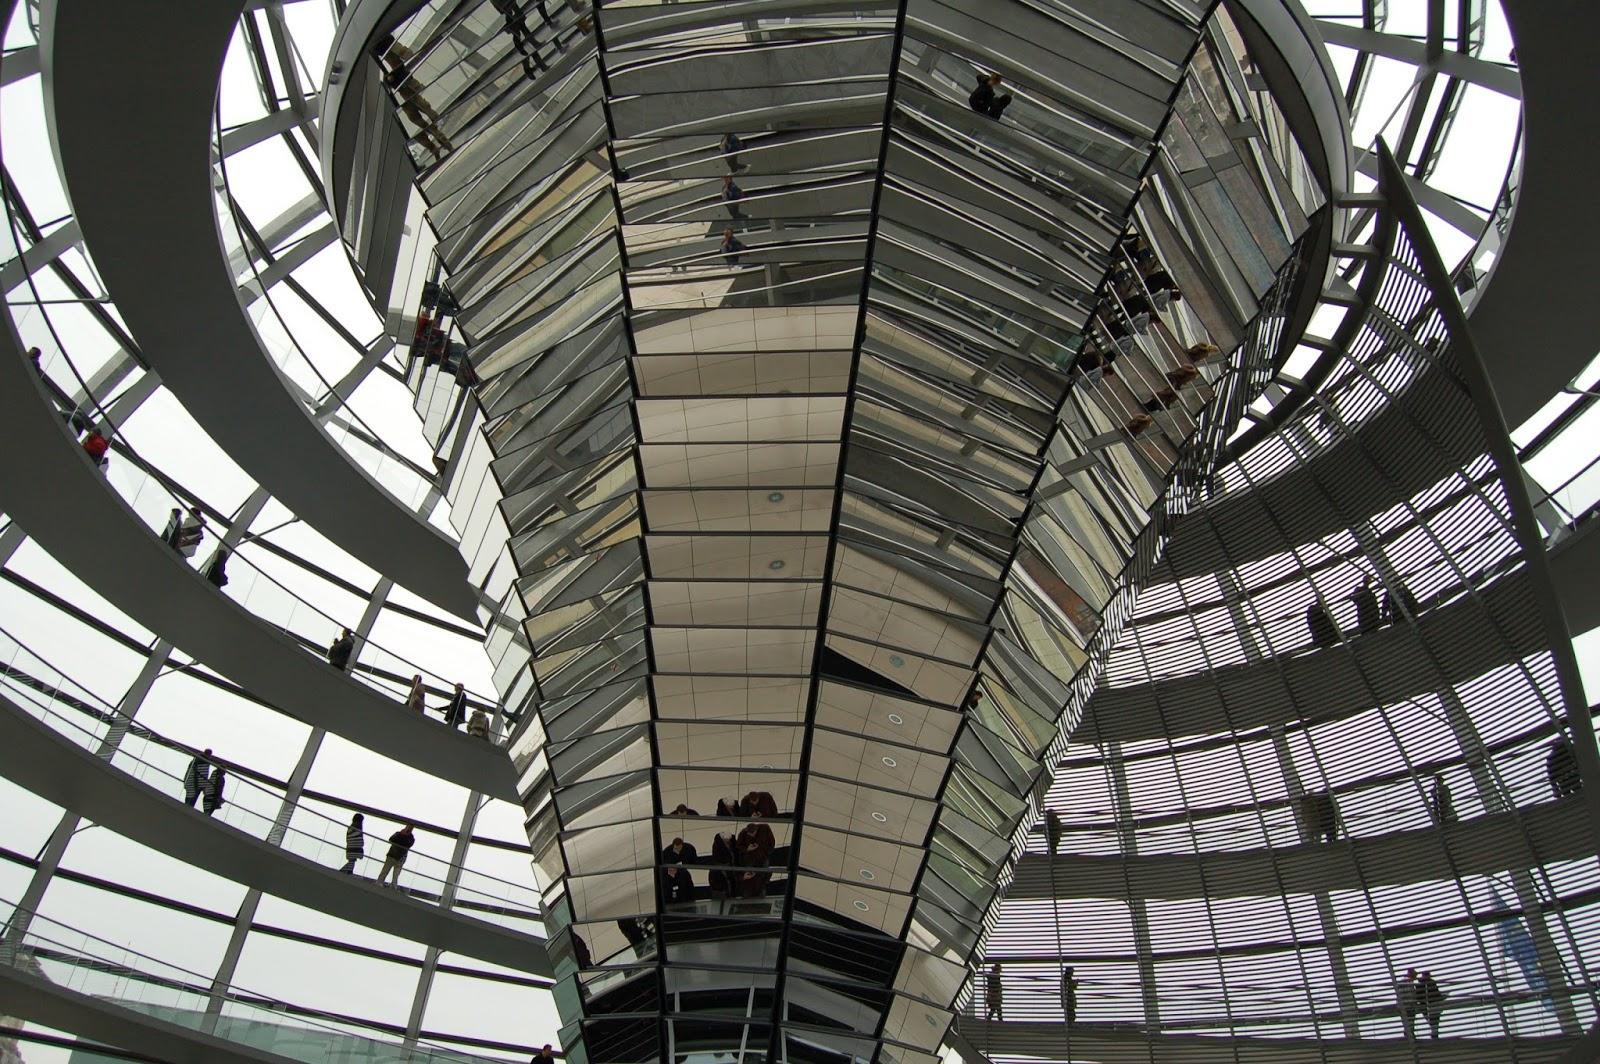 parlament niemiecki Reichstag, Berlin